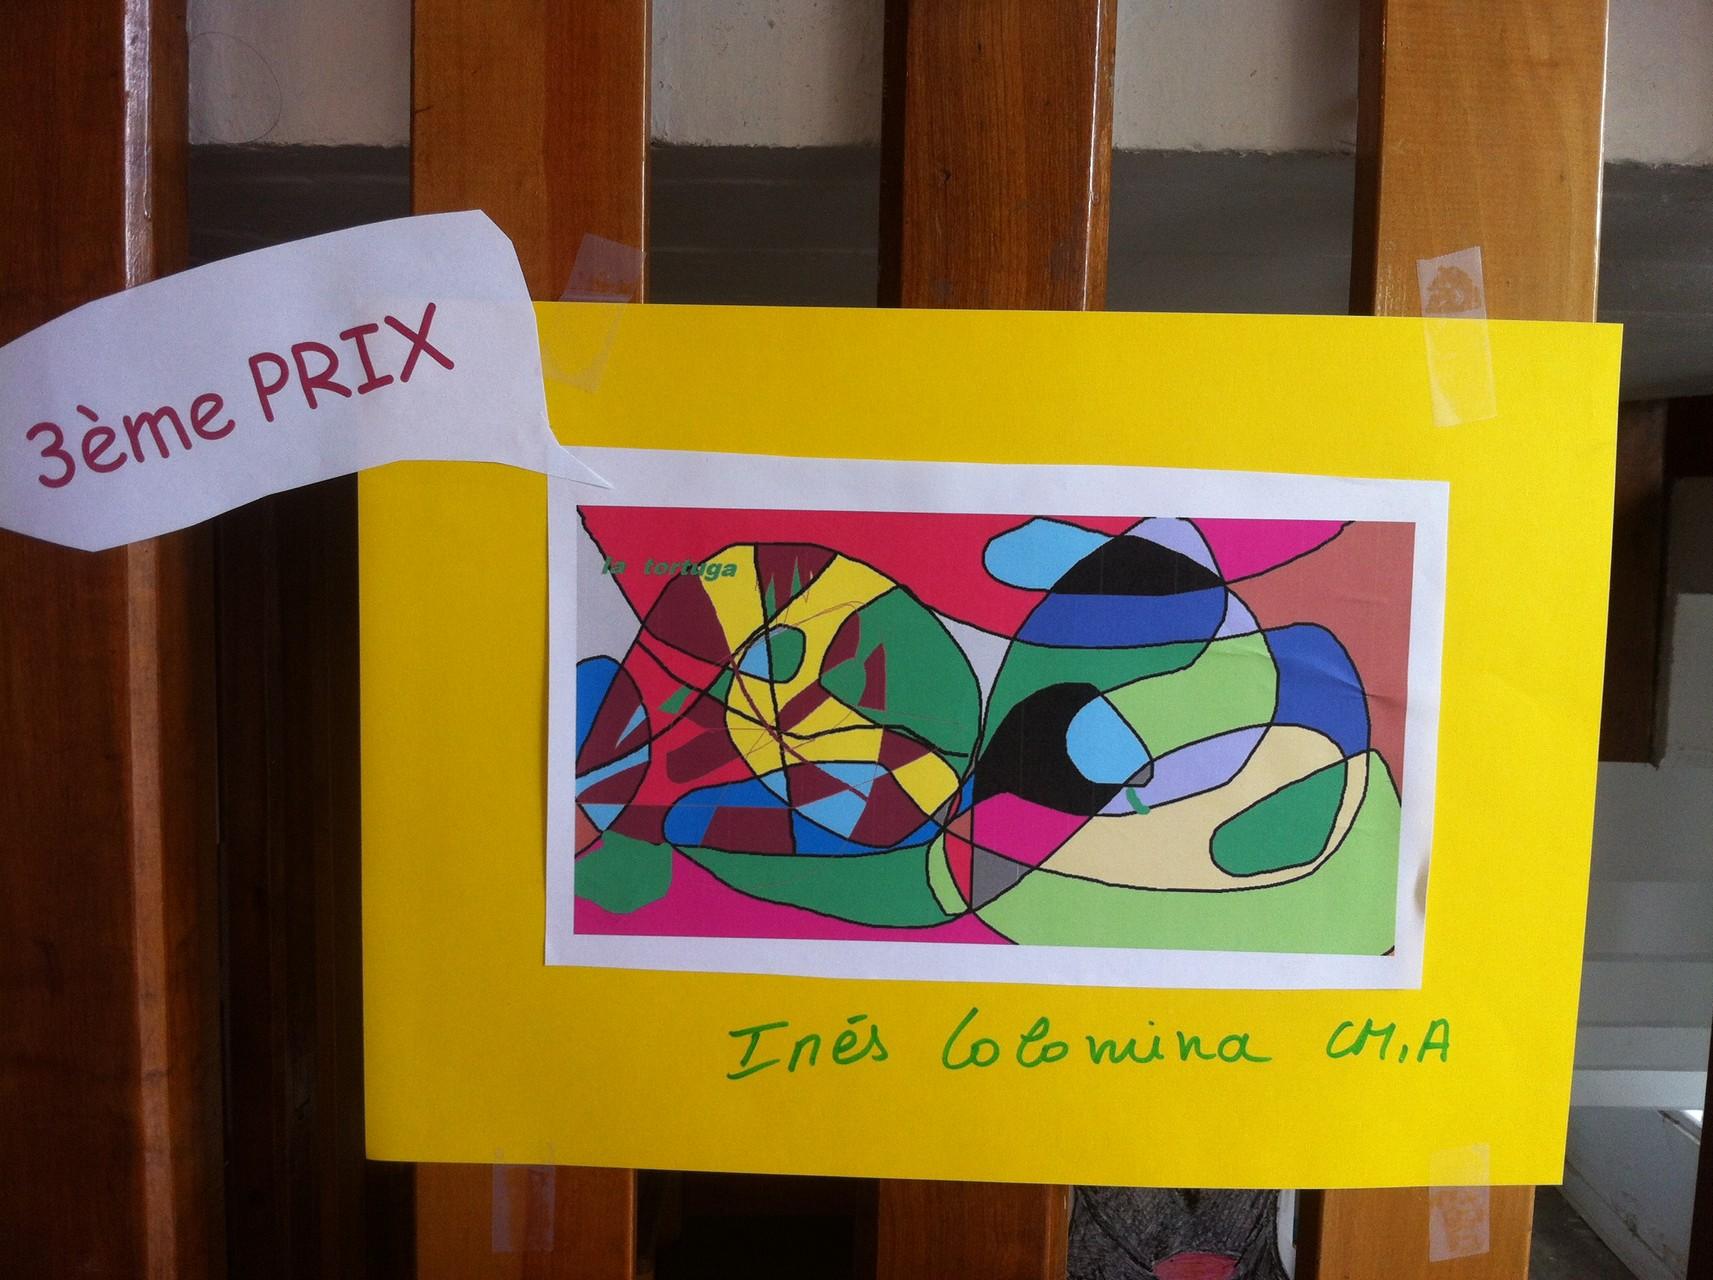 3ème prix (ex aequo) : La tortuga